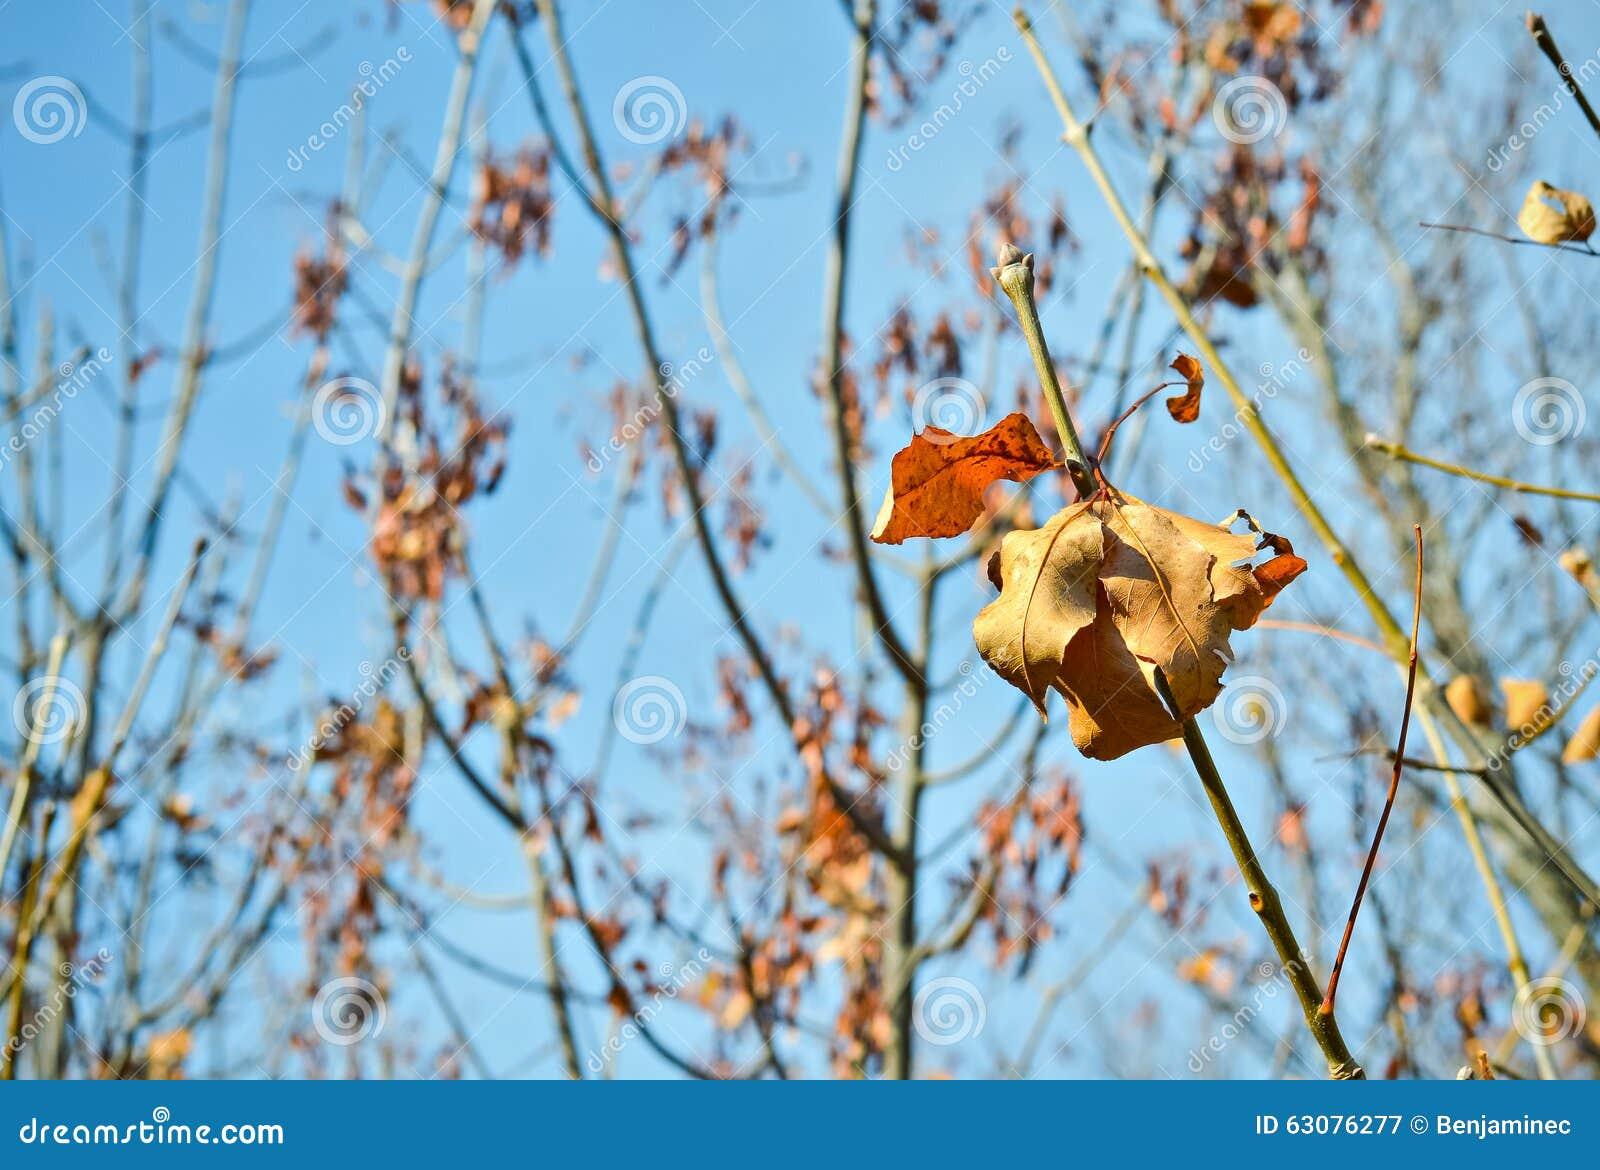 Download Feuille orange sèche image stock. Image du octobre, nature - 63076277